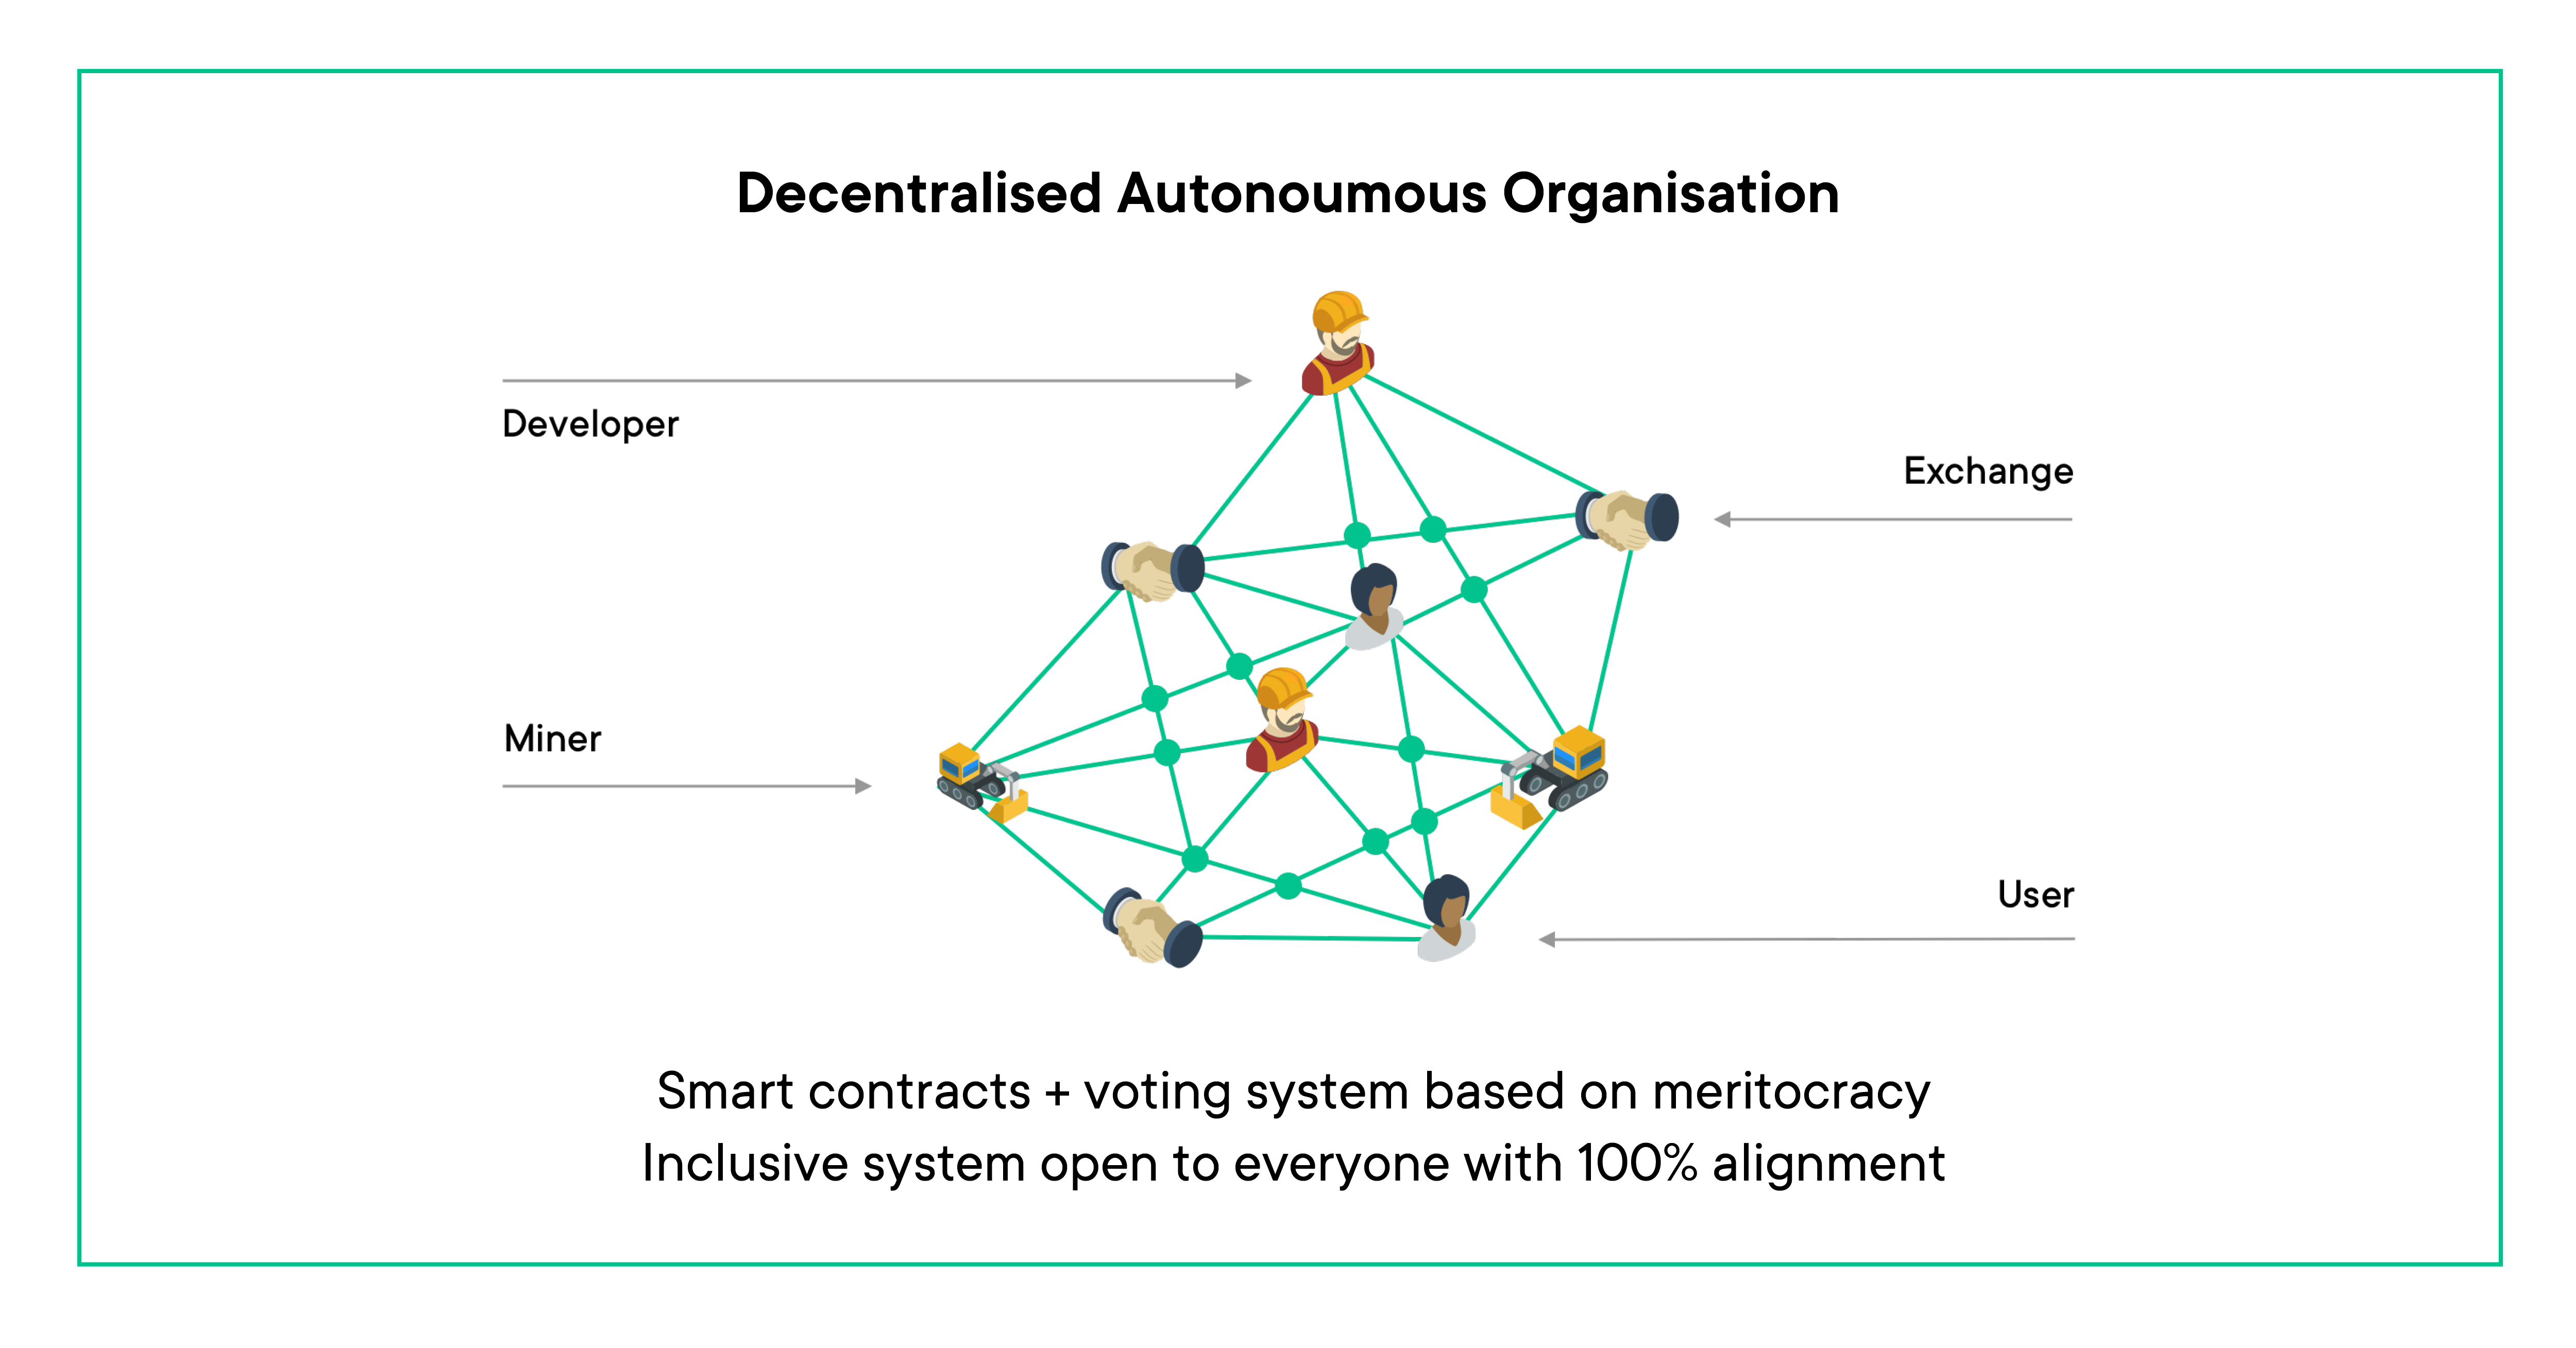 Decentralised Autonoumous Organisation